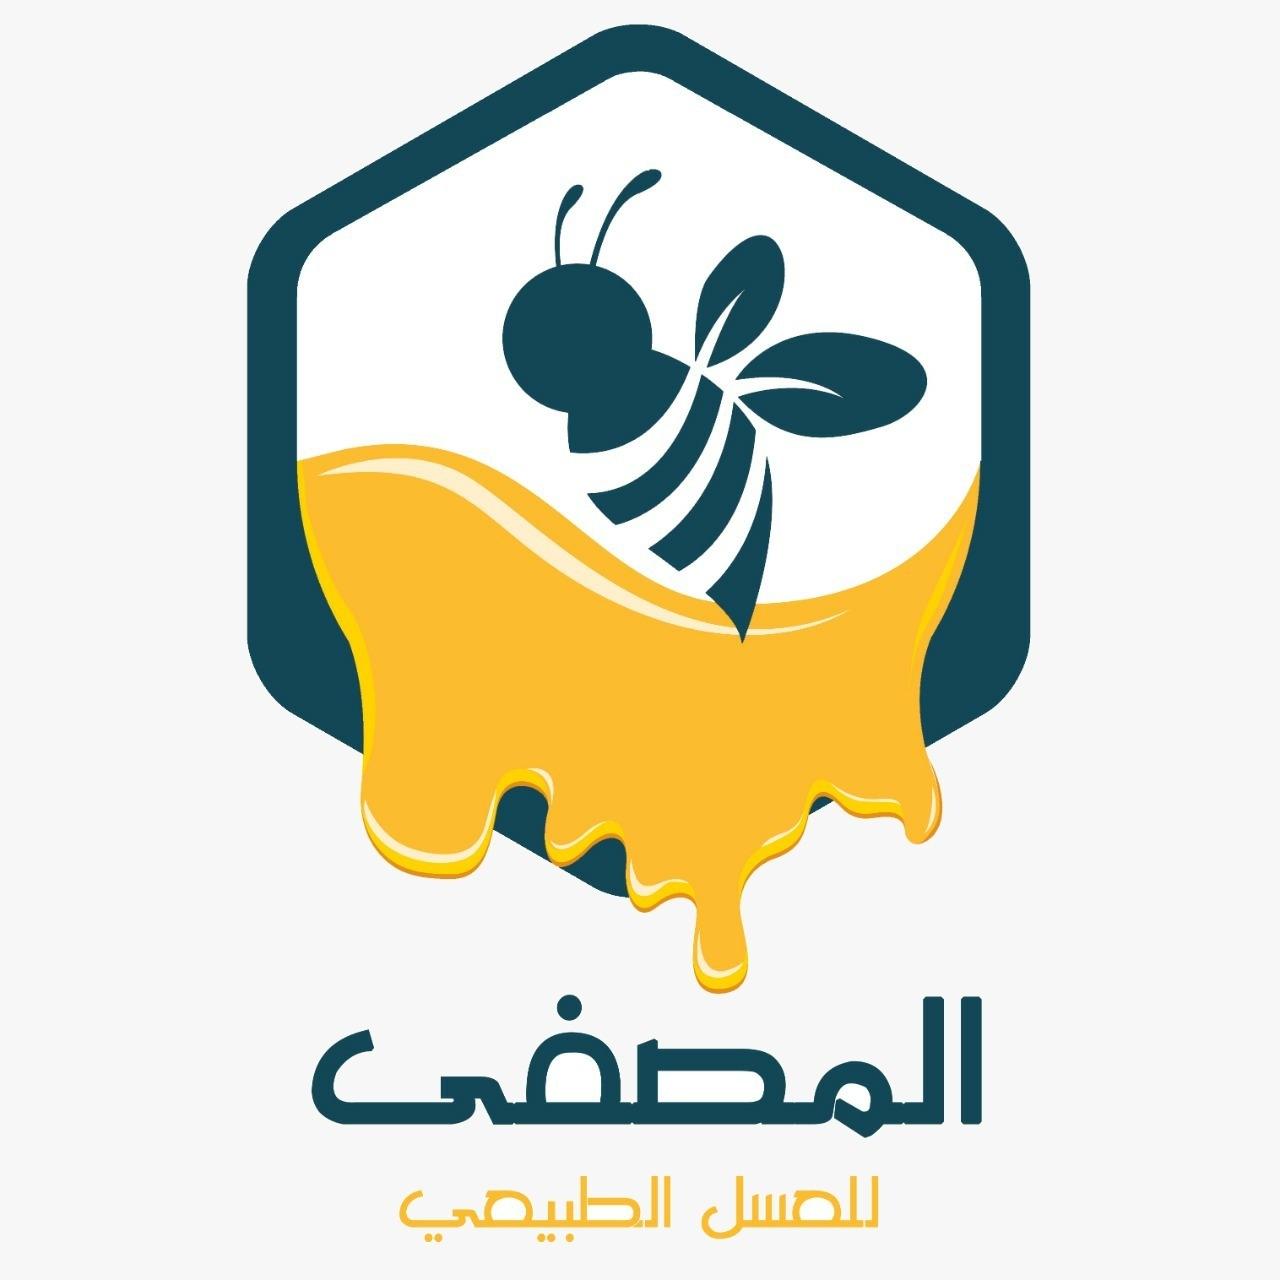 المصفى للعسل الطبيعي